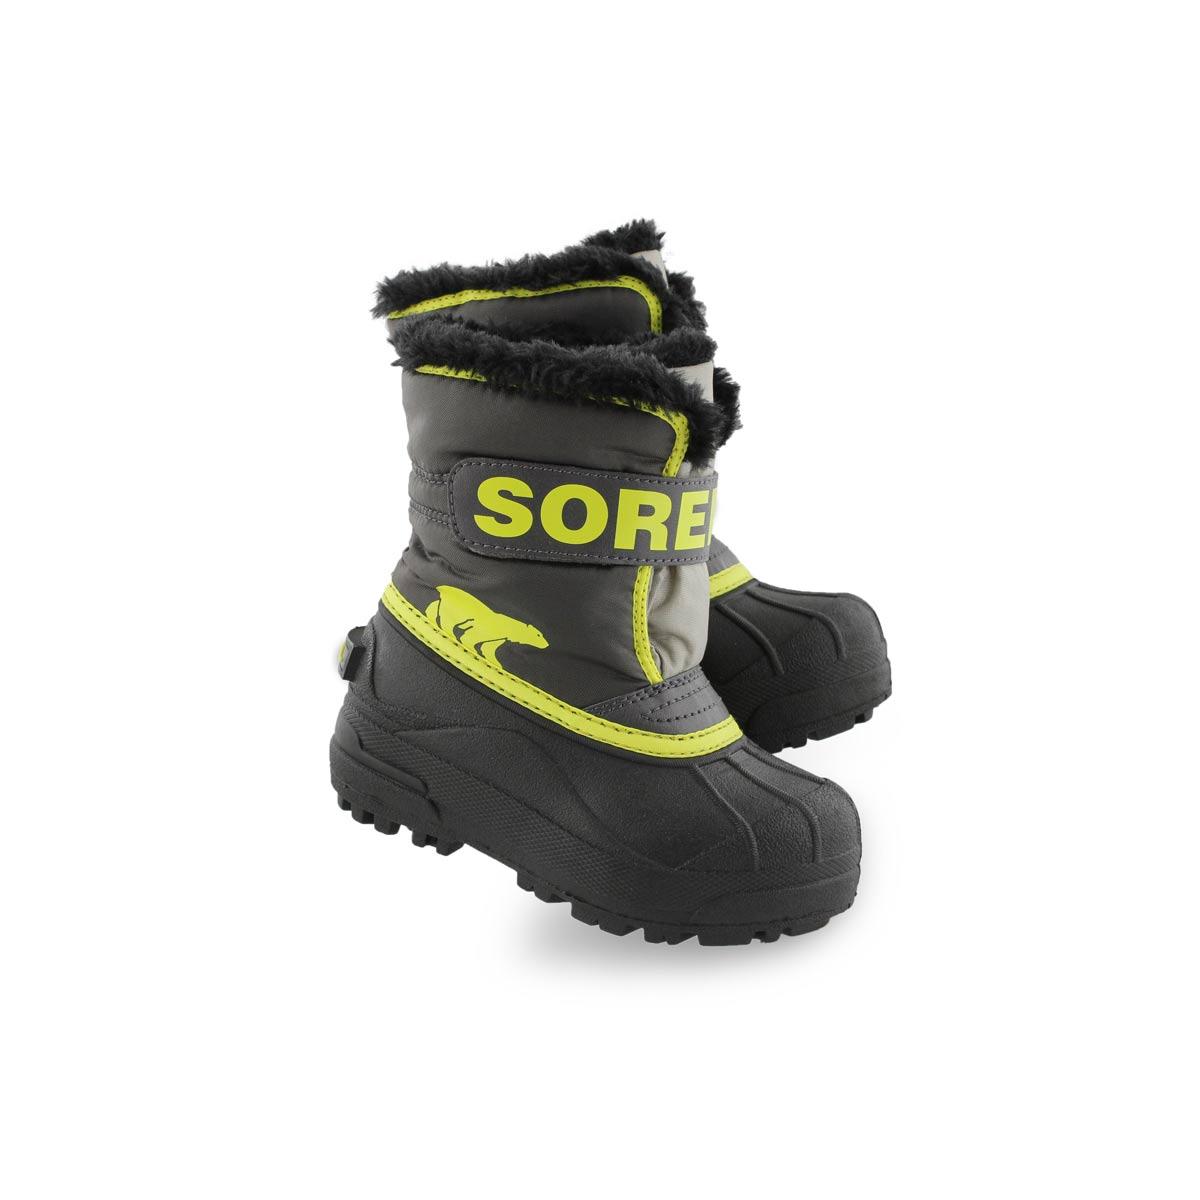 Bottes SNOW COMMANDER, gris/jaune, enfants bas âge